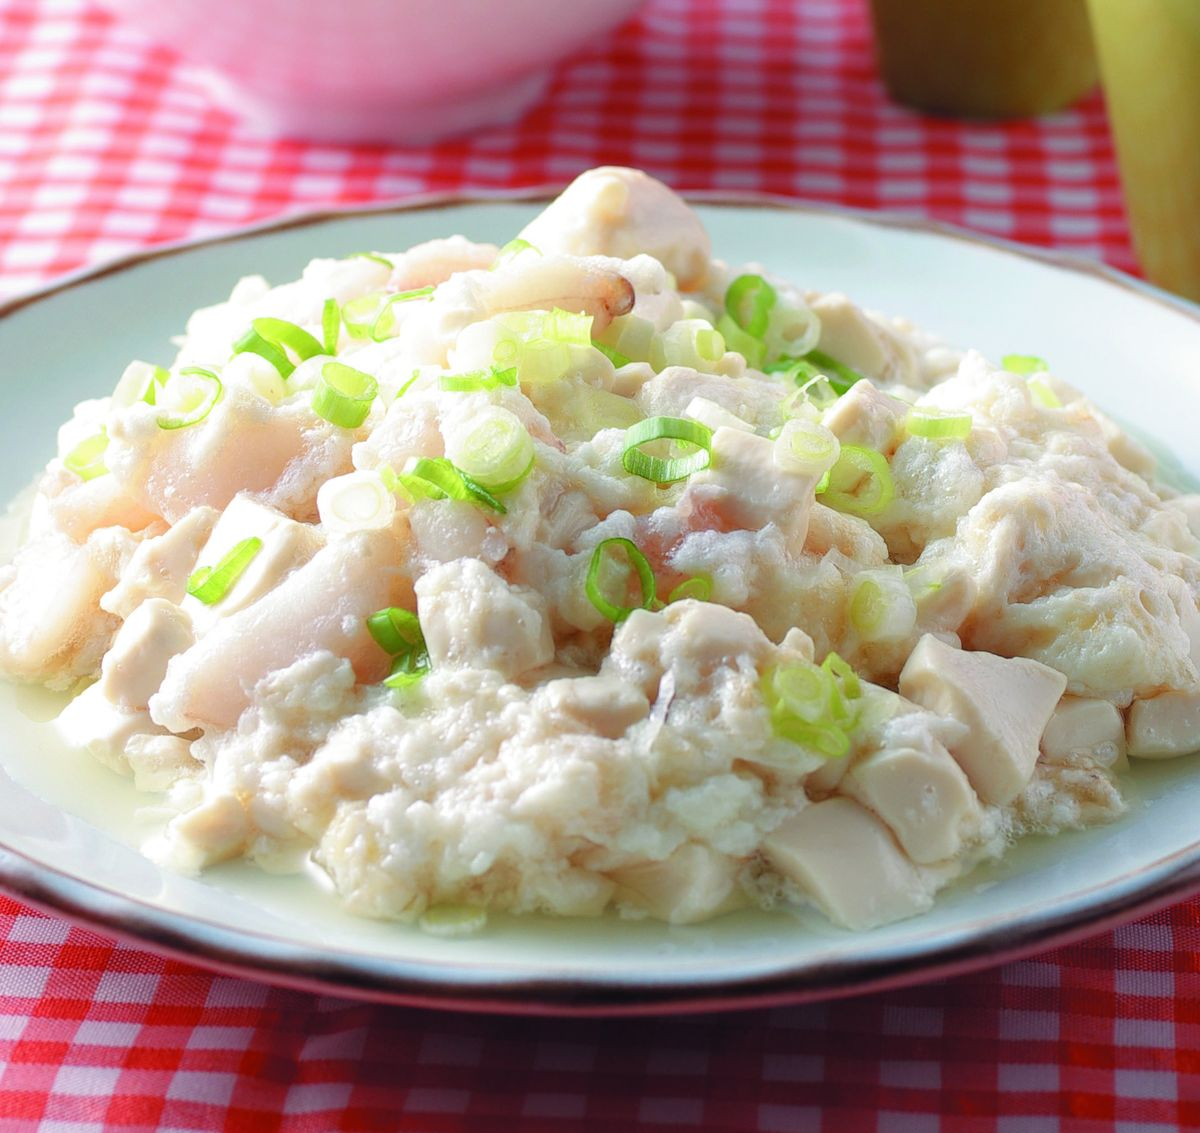 食譜:雪花豆腐(1)